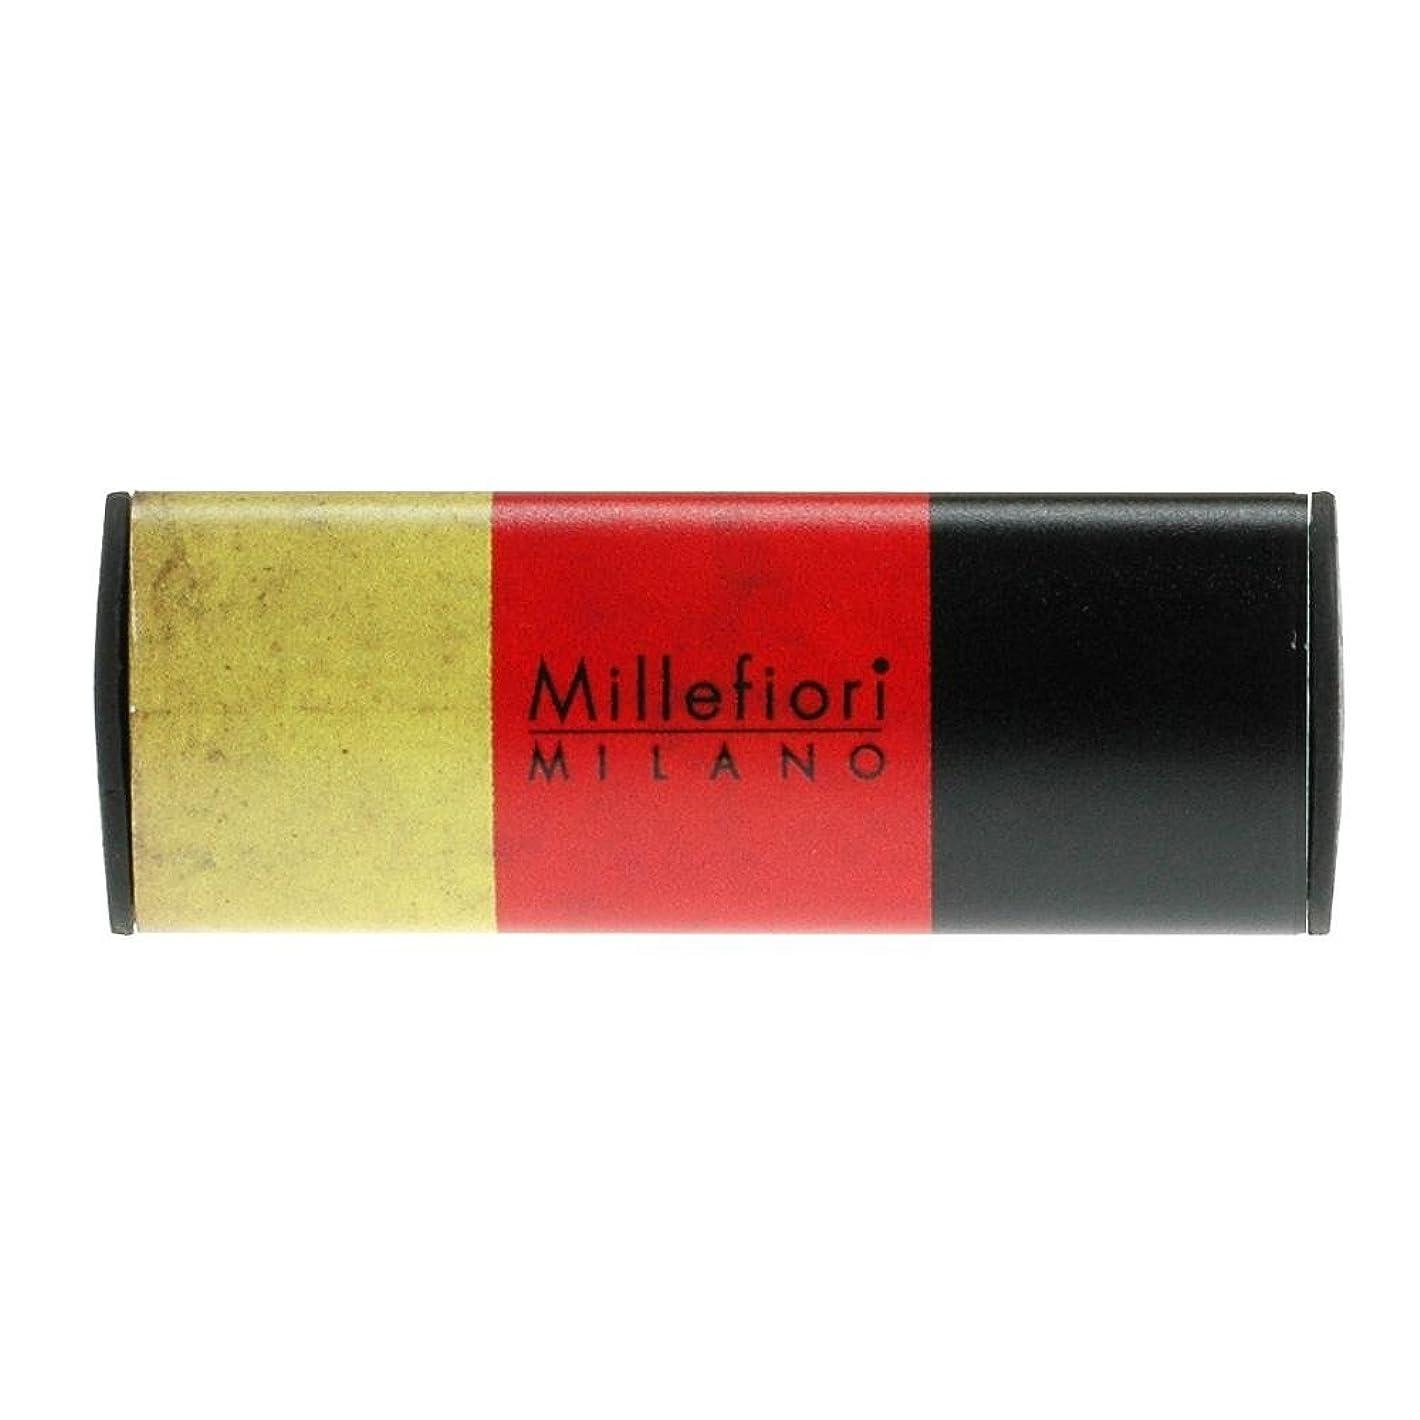 属するアクセント振り子Millefiori カーエアフレッシュナー FLAG スパイシーウッド CDIF-G-003